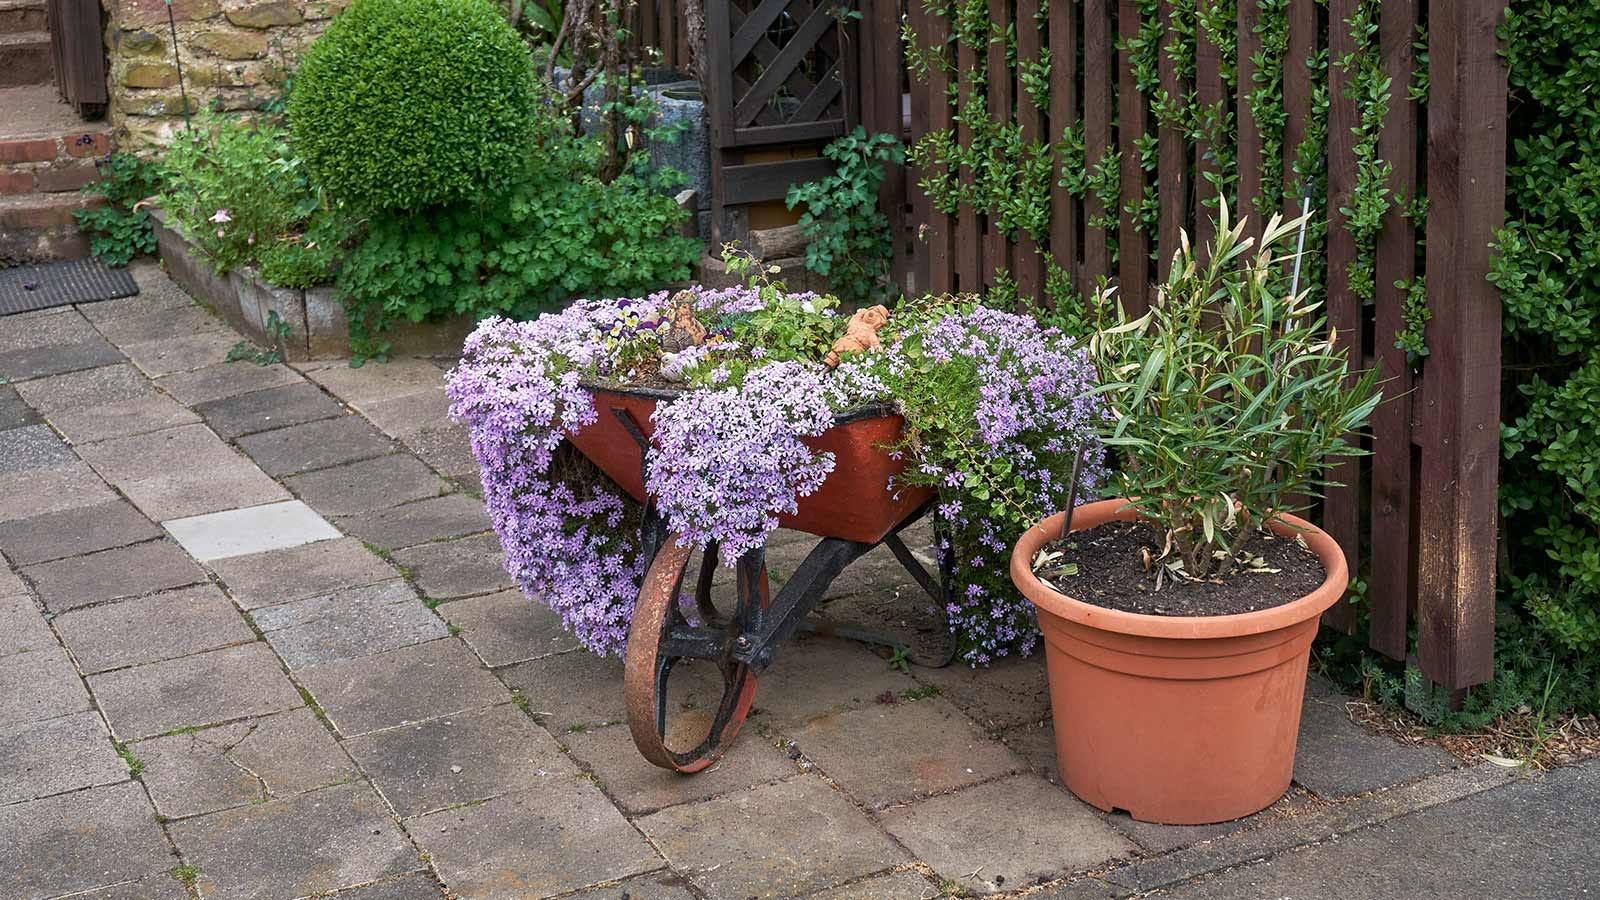 An old wheelbarrow full of flowers on a patio.